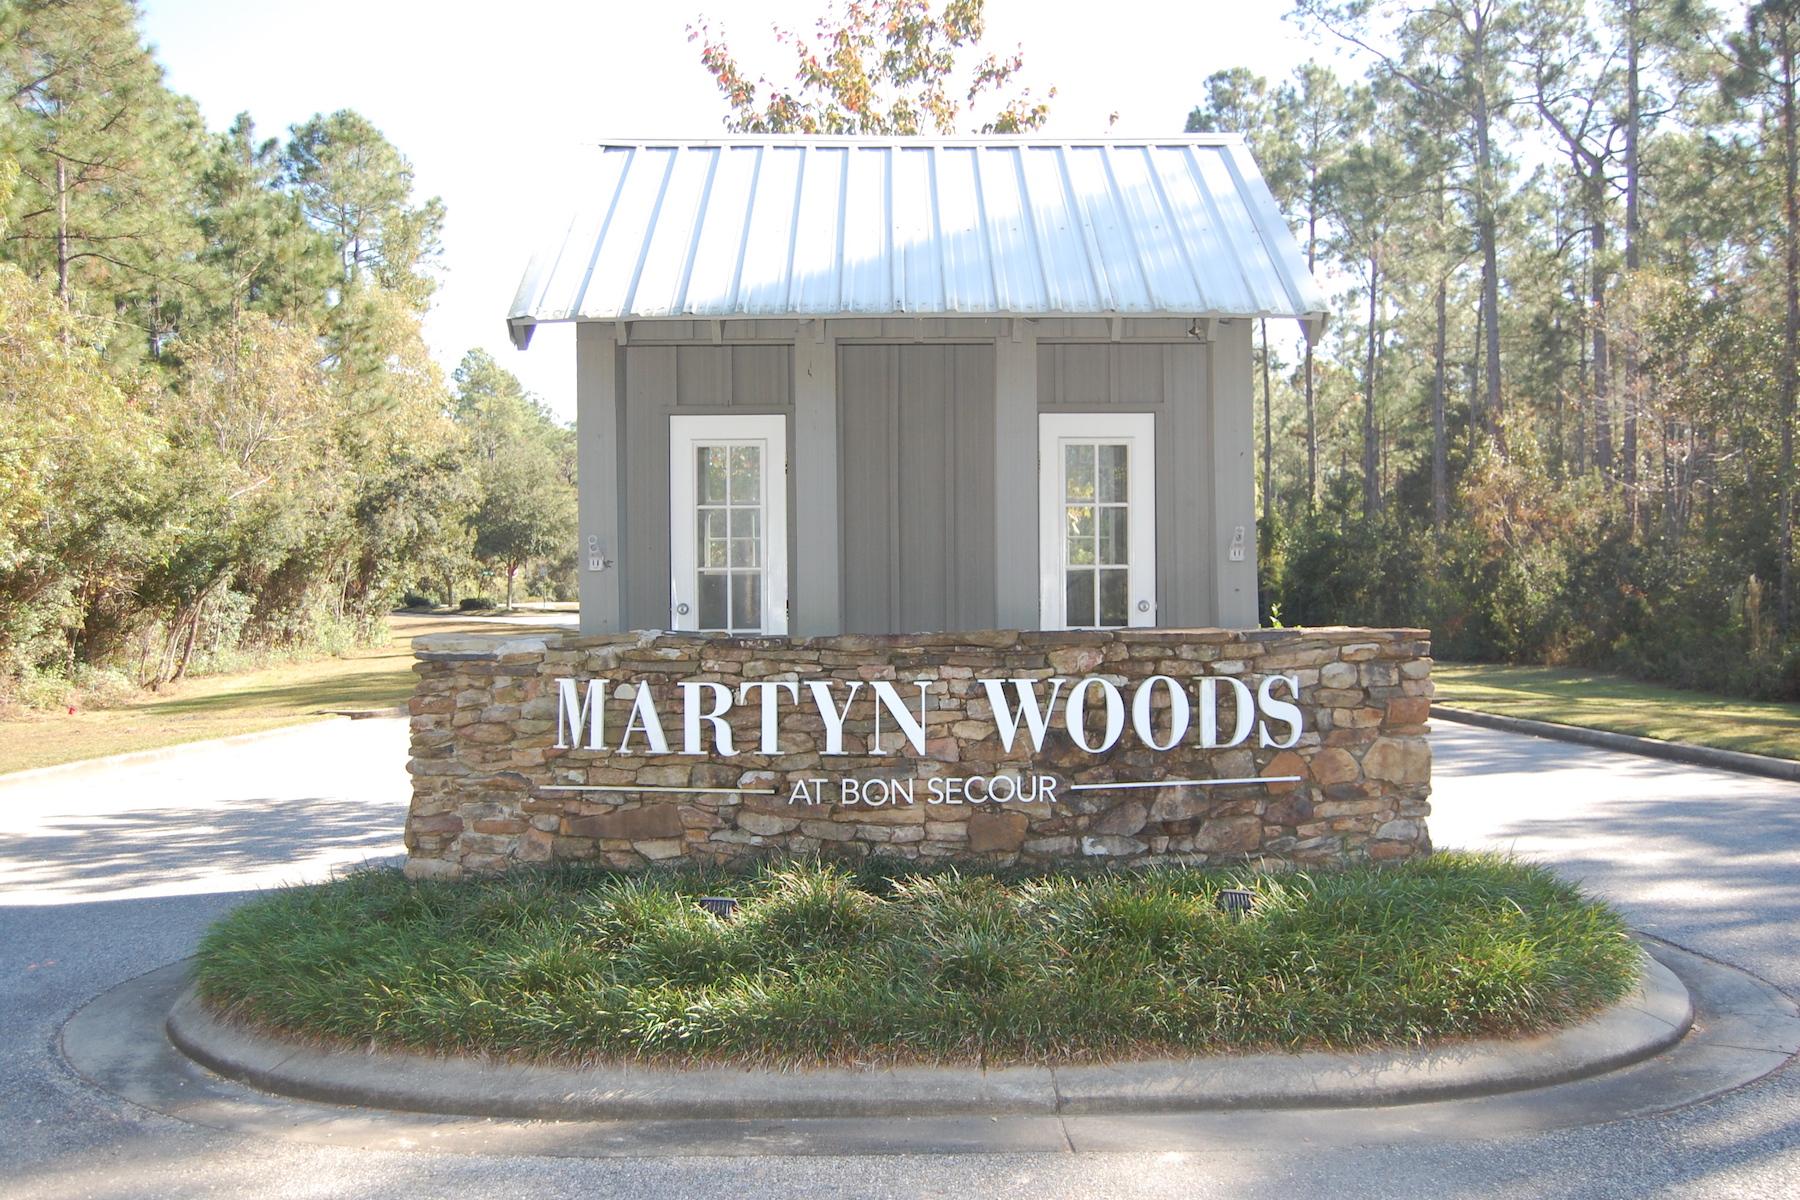 Οικόπεδο για την Πώληση στο Martyn Woods Gulf Shores 0 Treasure Oaks Road Lot #135, Gulf Shores, Αλαμπαμα 36542 Ηνωμενεσ Πολιτειεσ